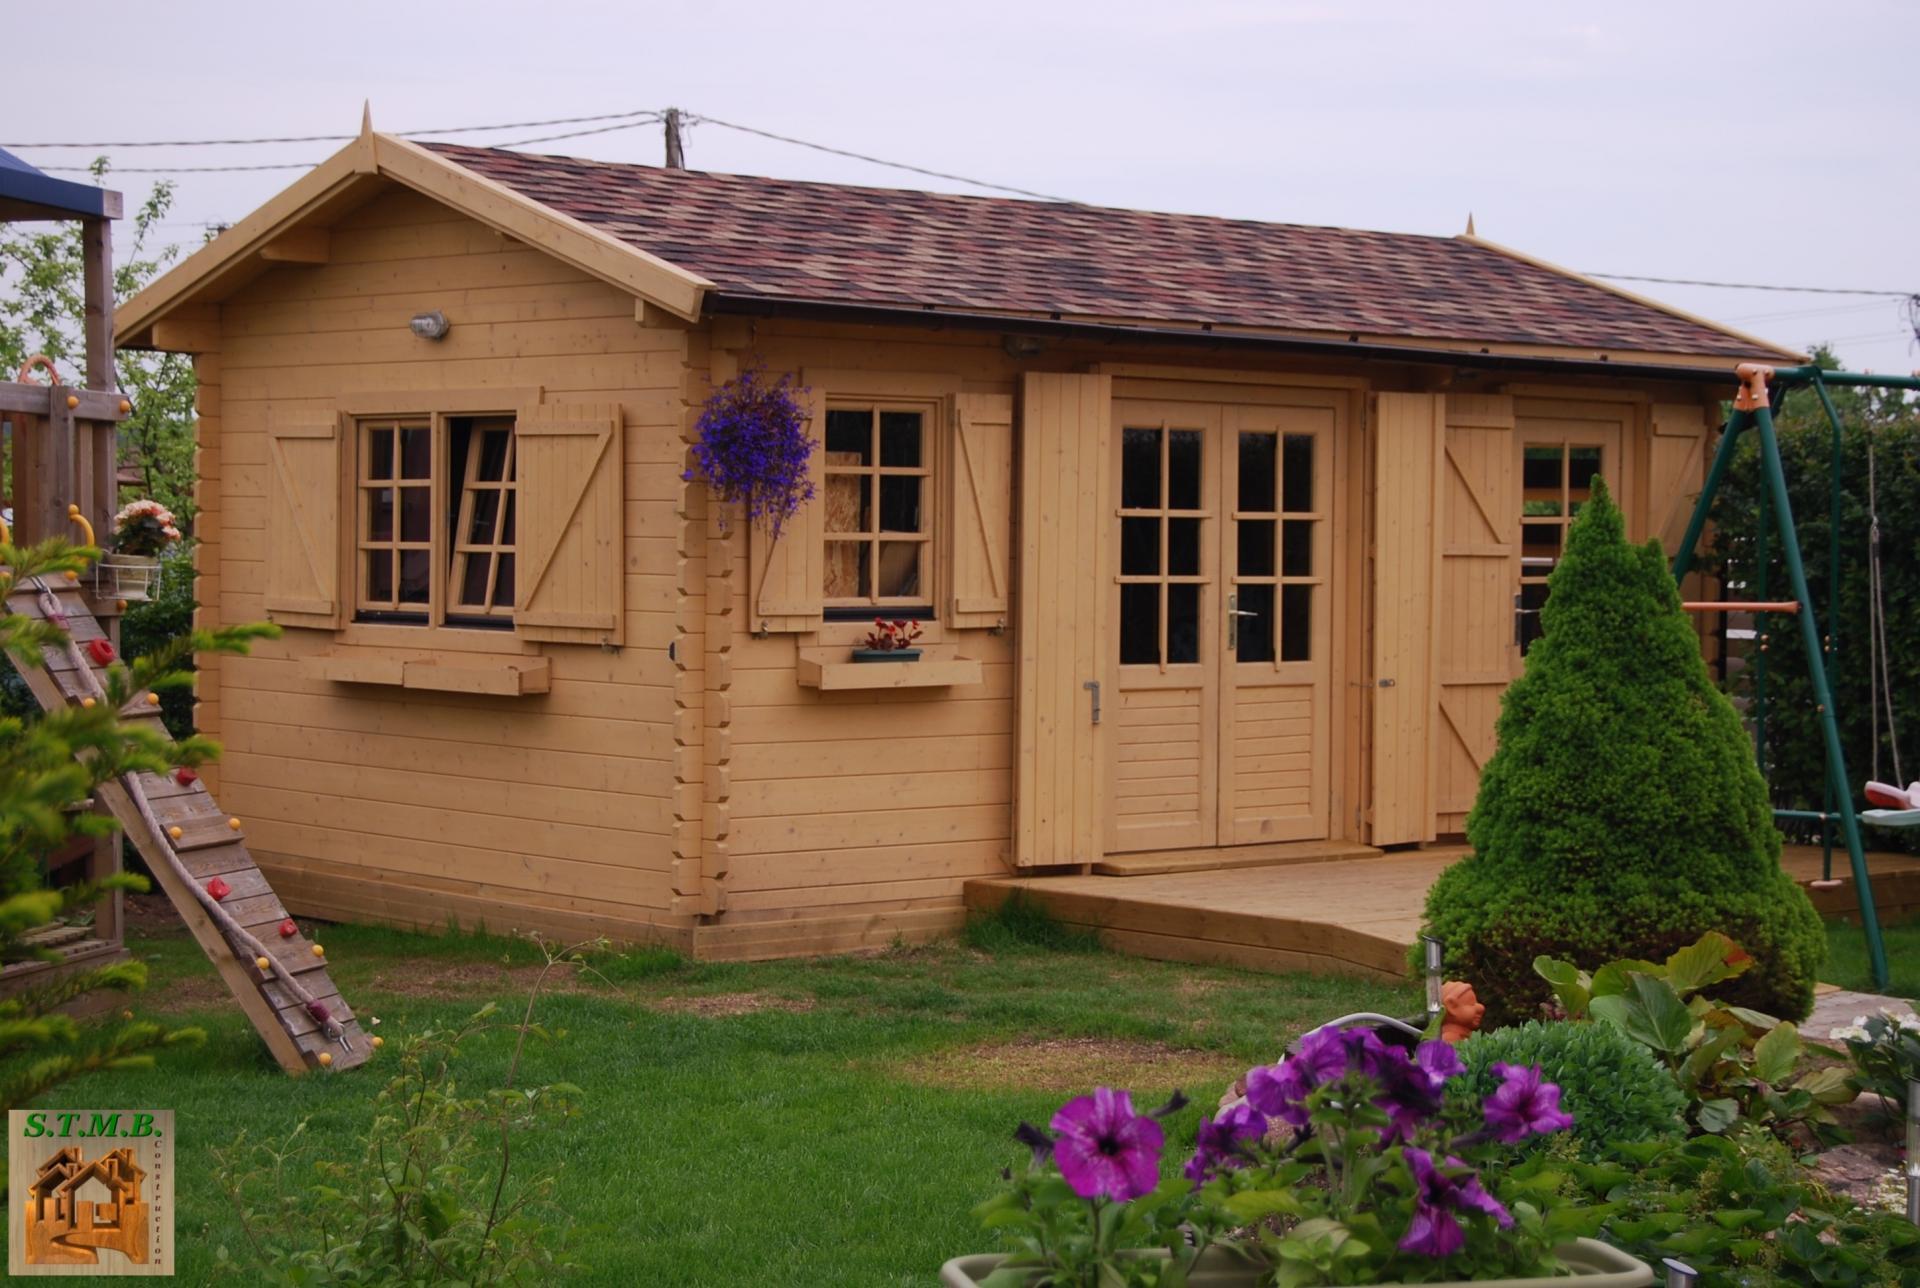 Maison chalet bois en kit maison bois en kit get free for Maison bois kit